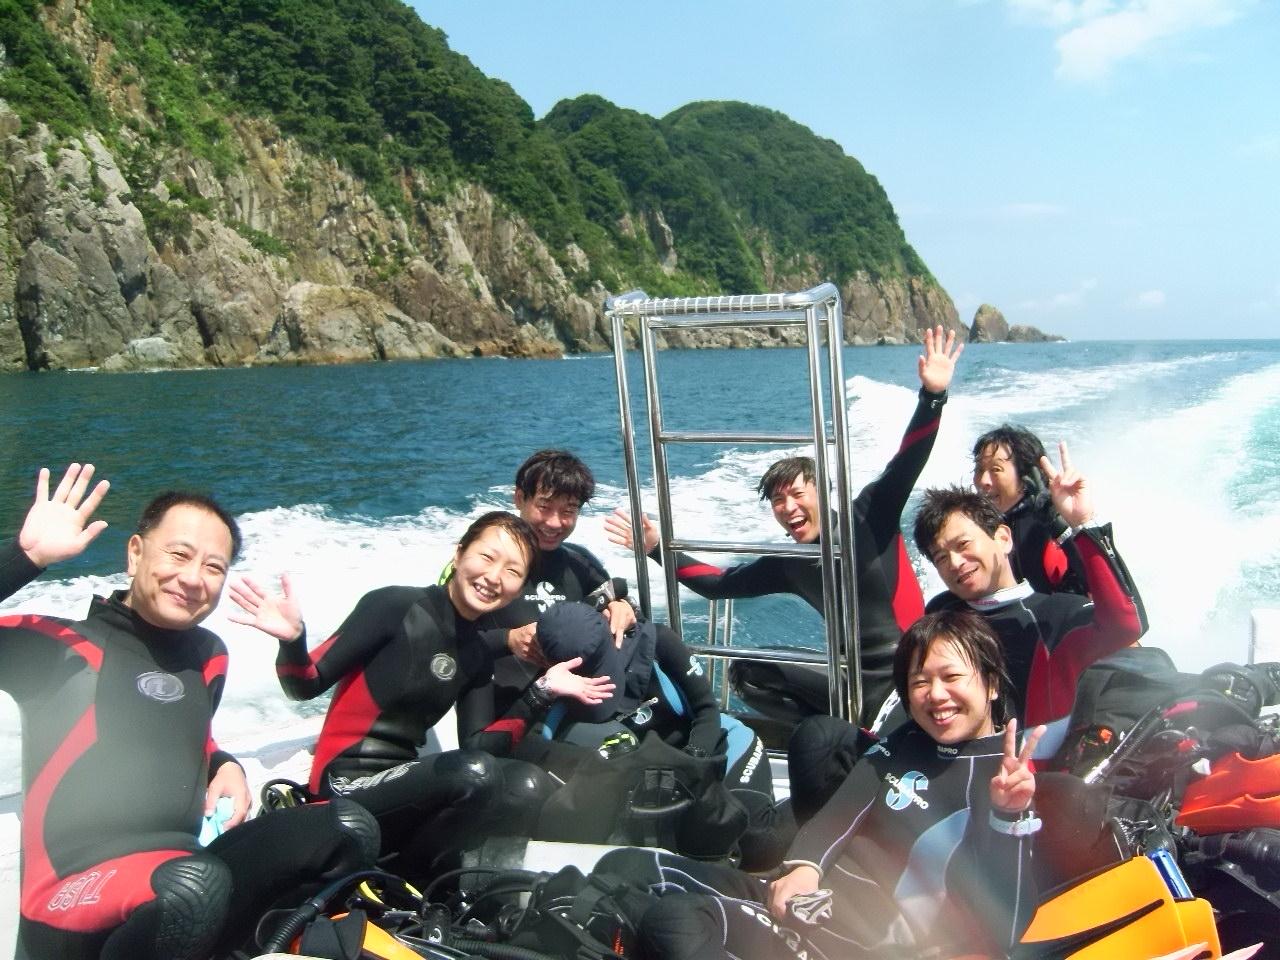 ダイナミック体験!ジオパークを満喫★ボート・ダイビングツアー